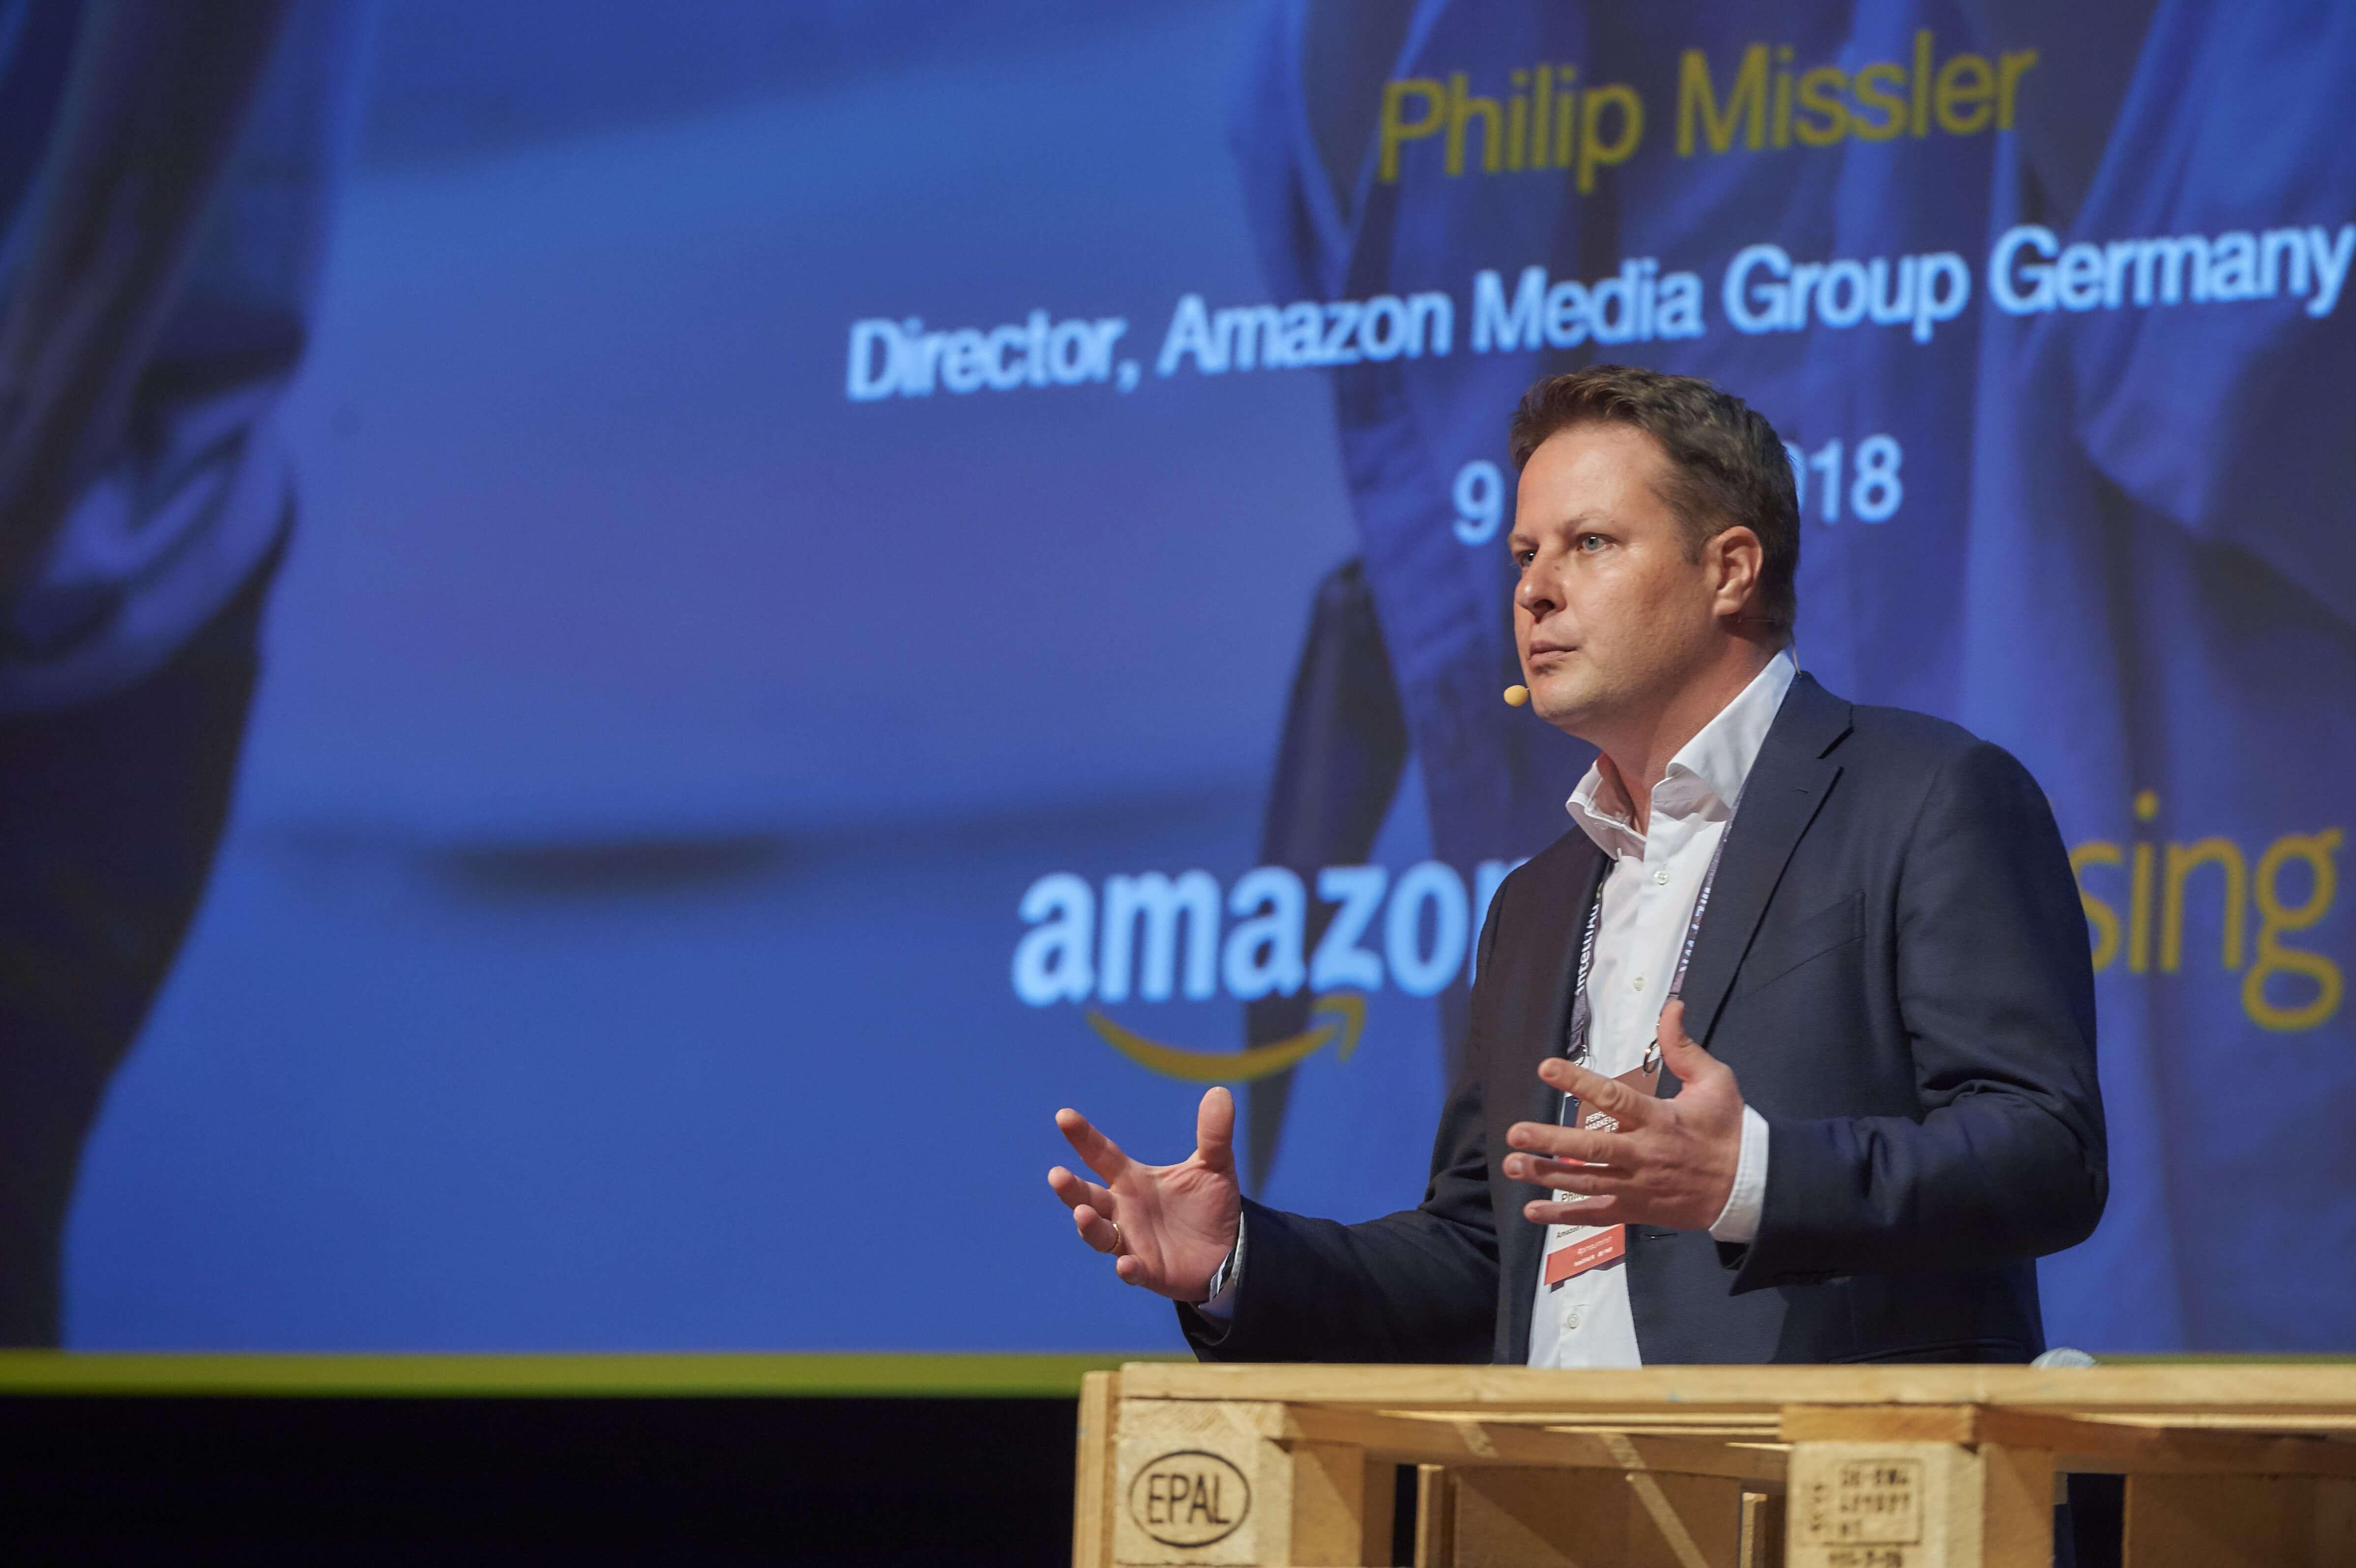 Philip Missler spoke at summit